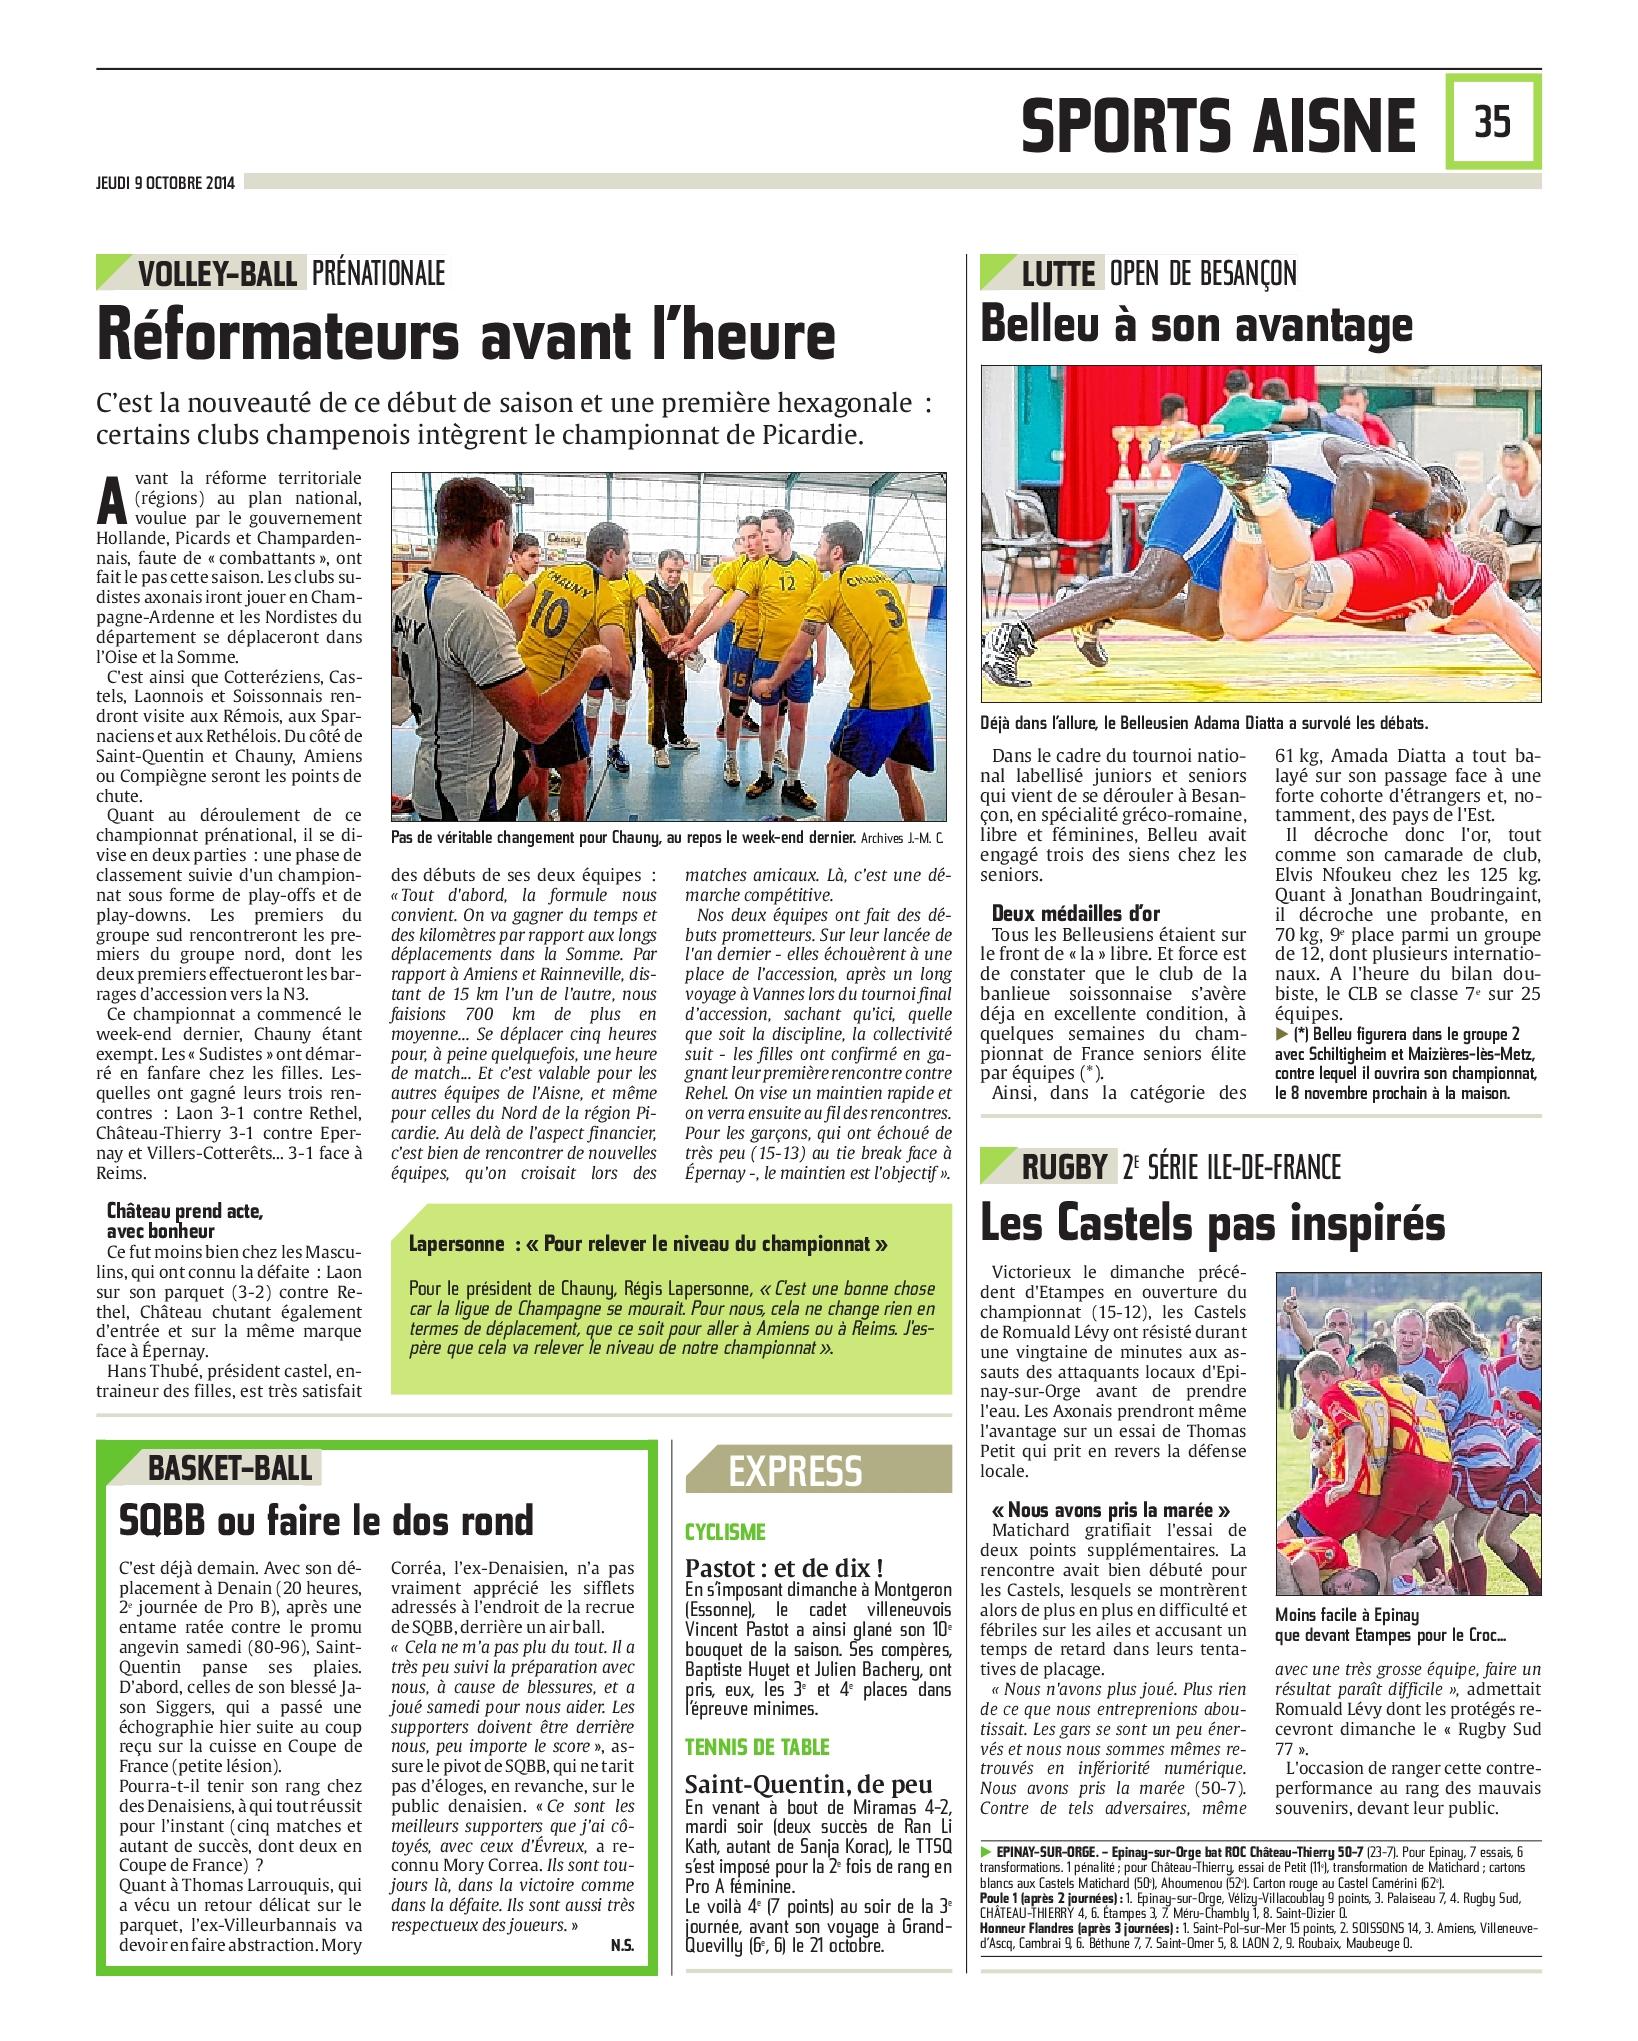 Open de Besançon- Belleu à son avantage